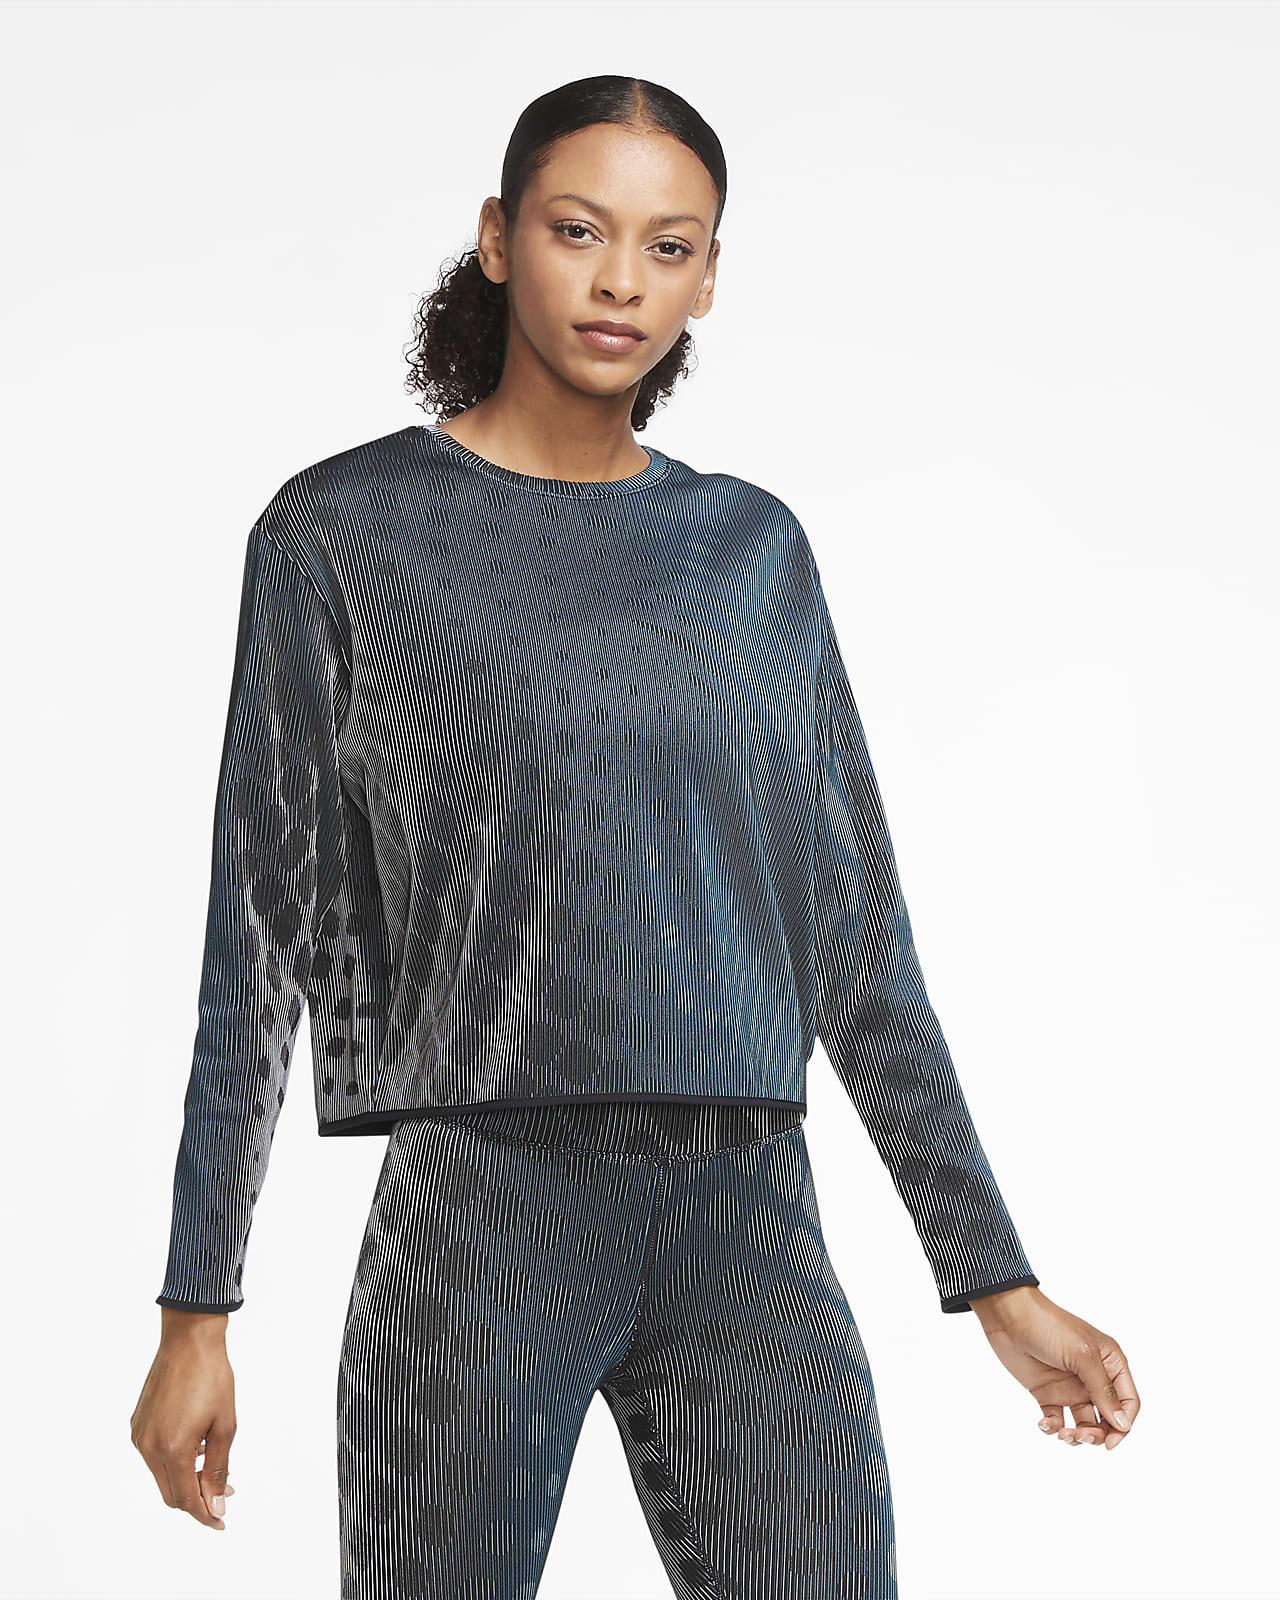 Dámské tkané běžecké tričko Nike Run Division, střední vrstva